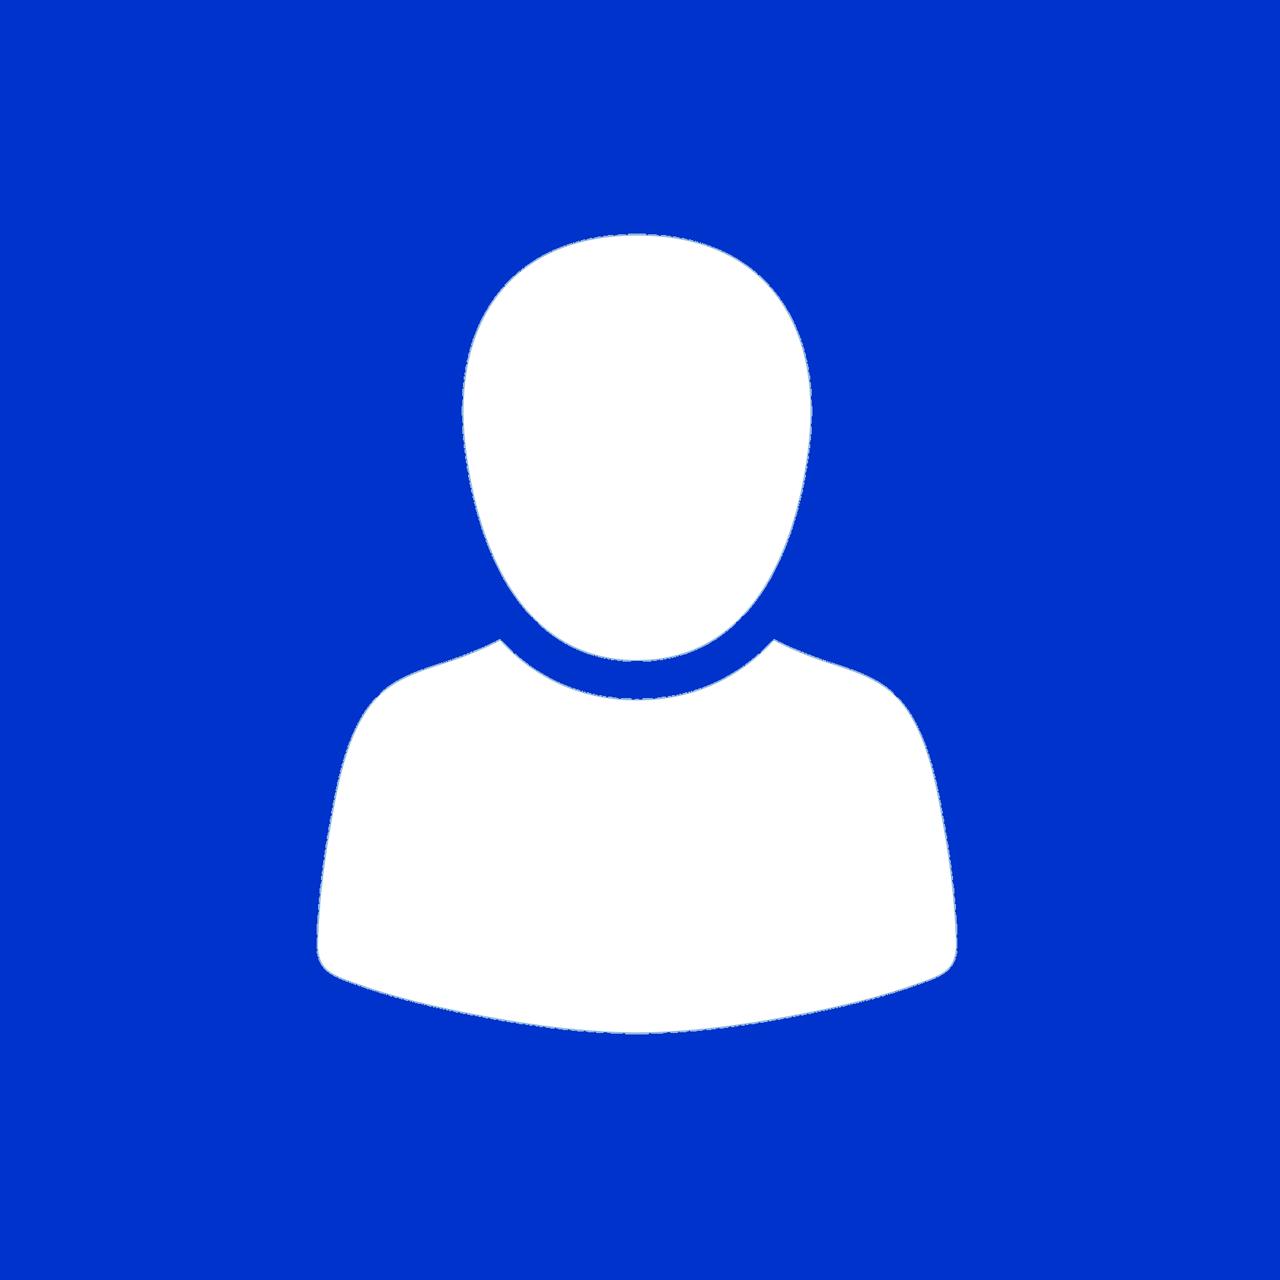 Youriy Kaplan Profile Image